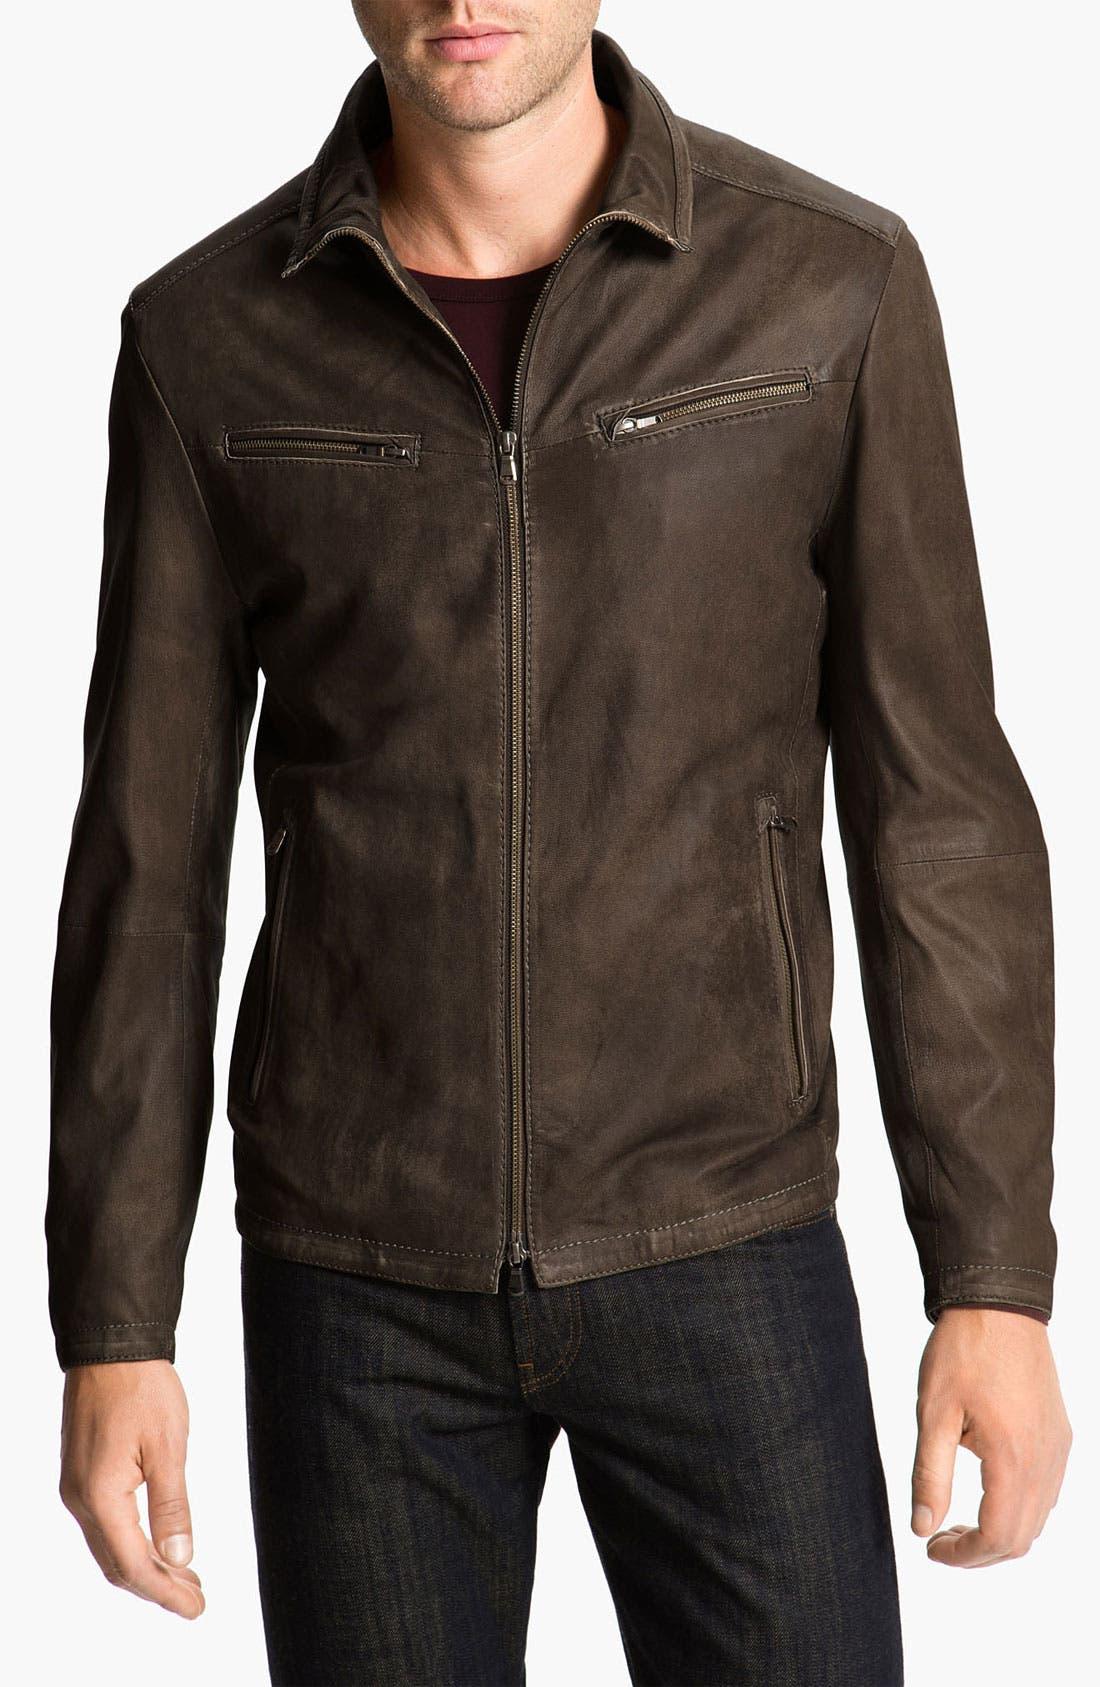 Main Image - Gimo Leather Jacket